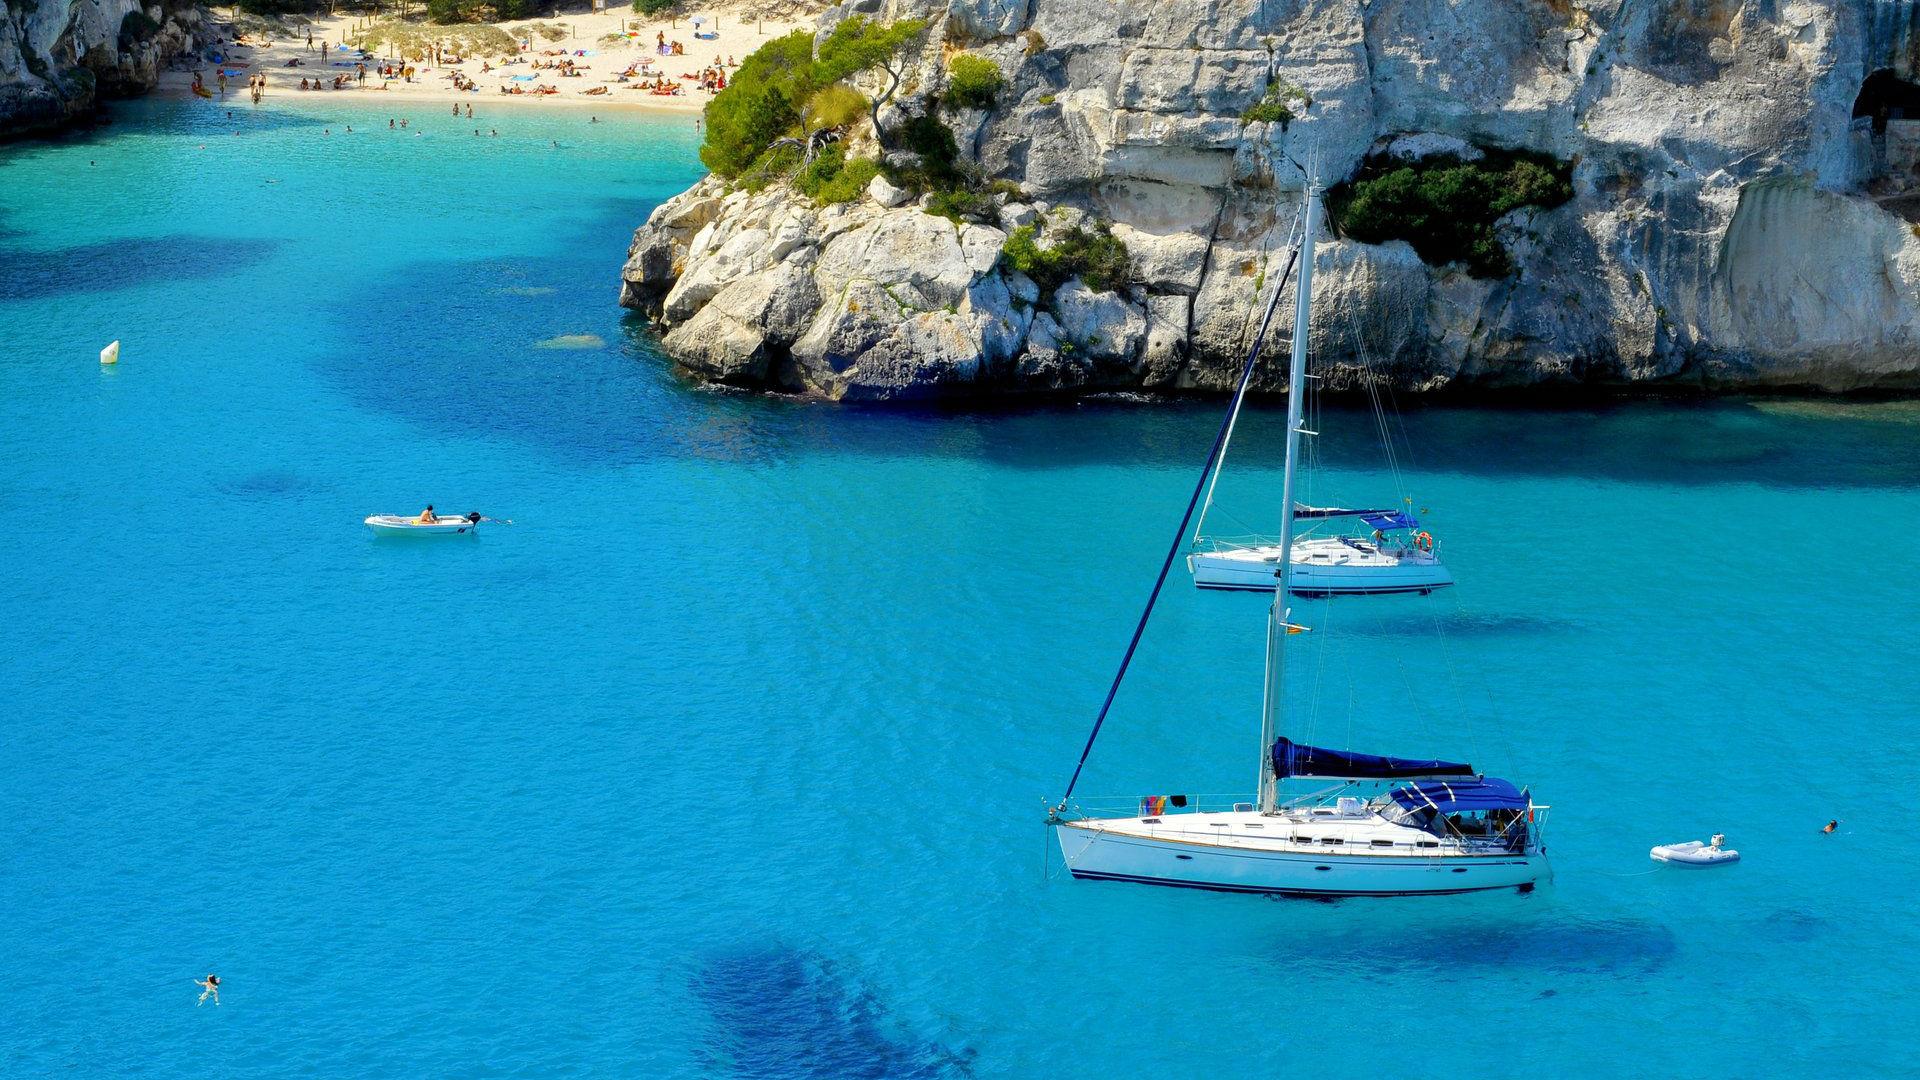 Где арендовать яхту в мире?